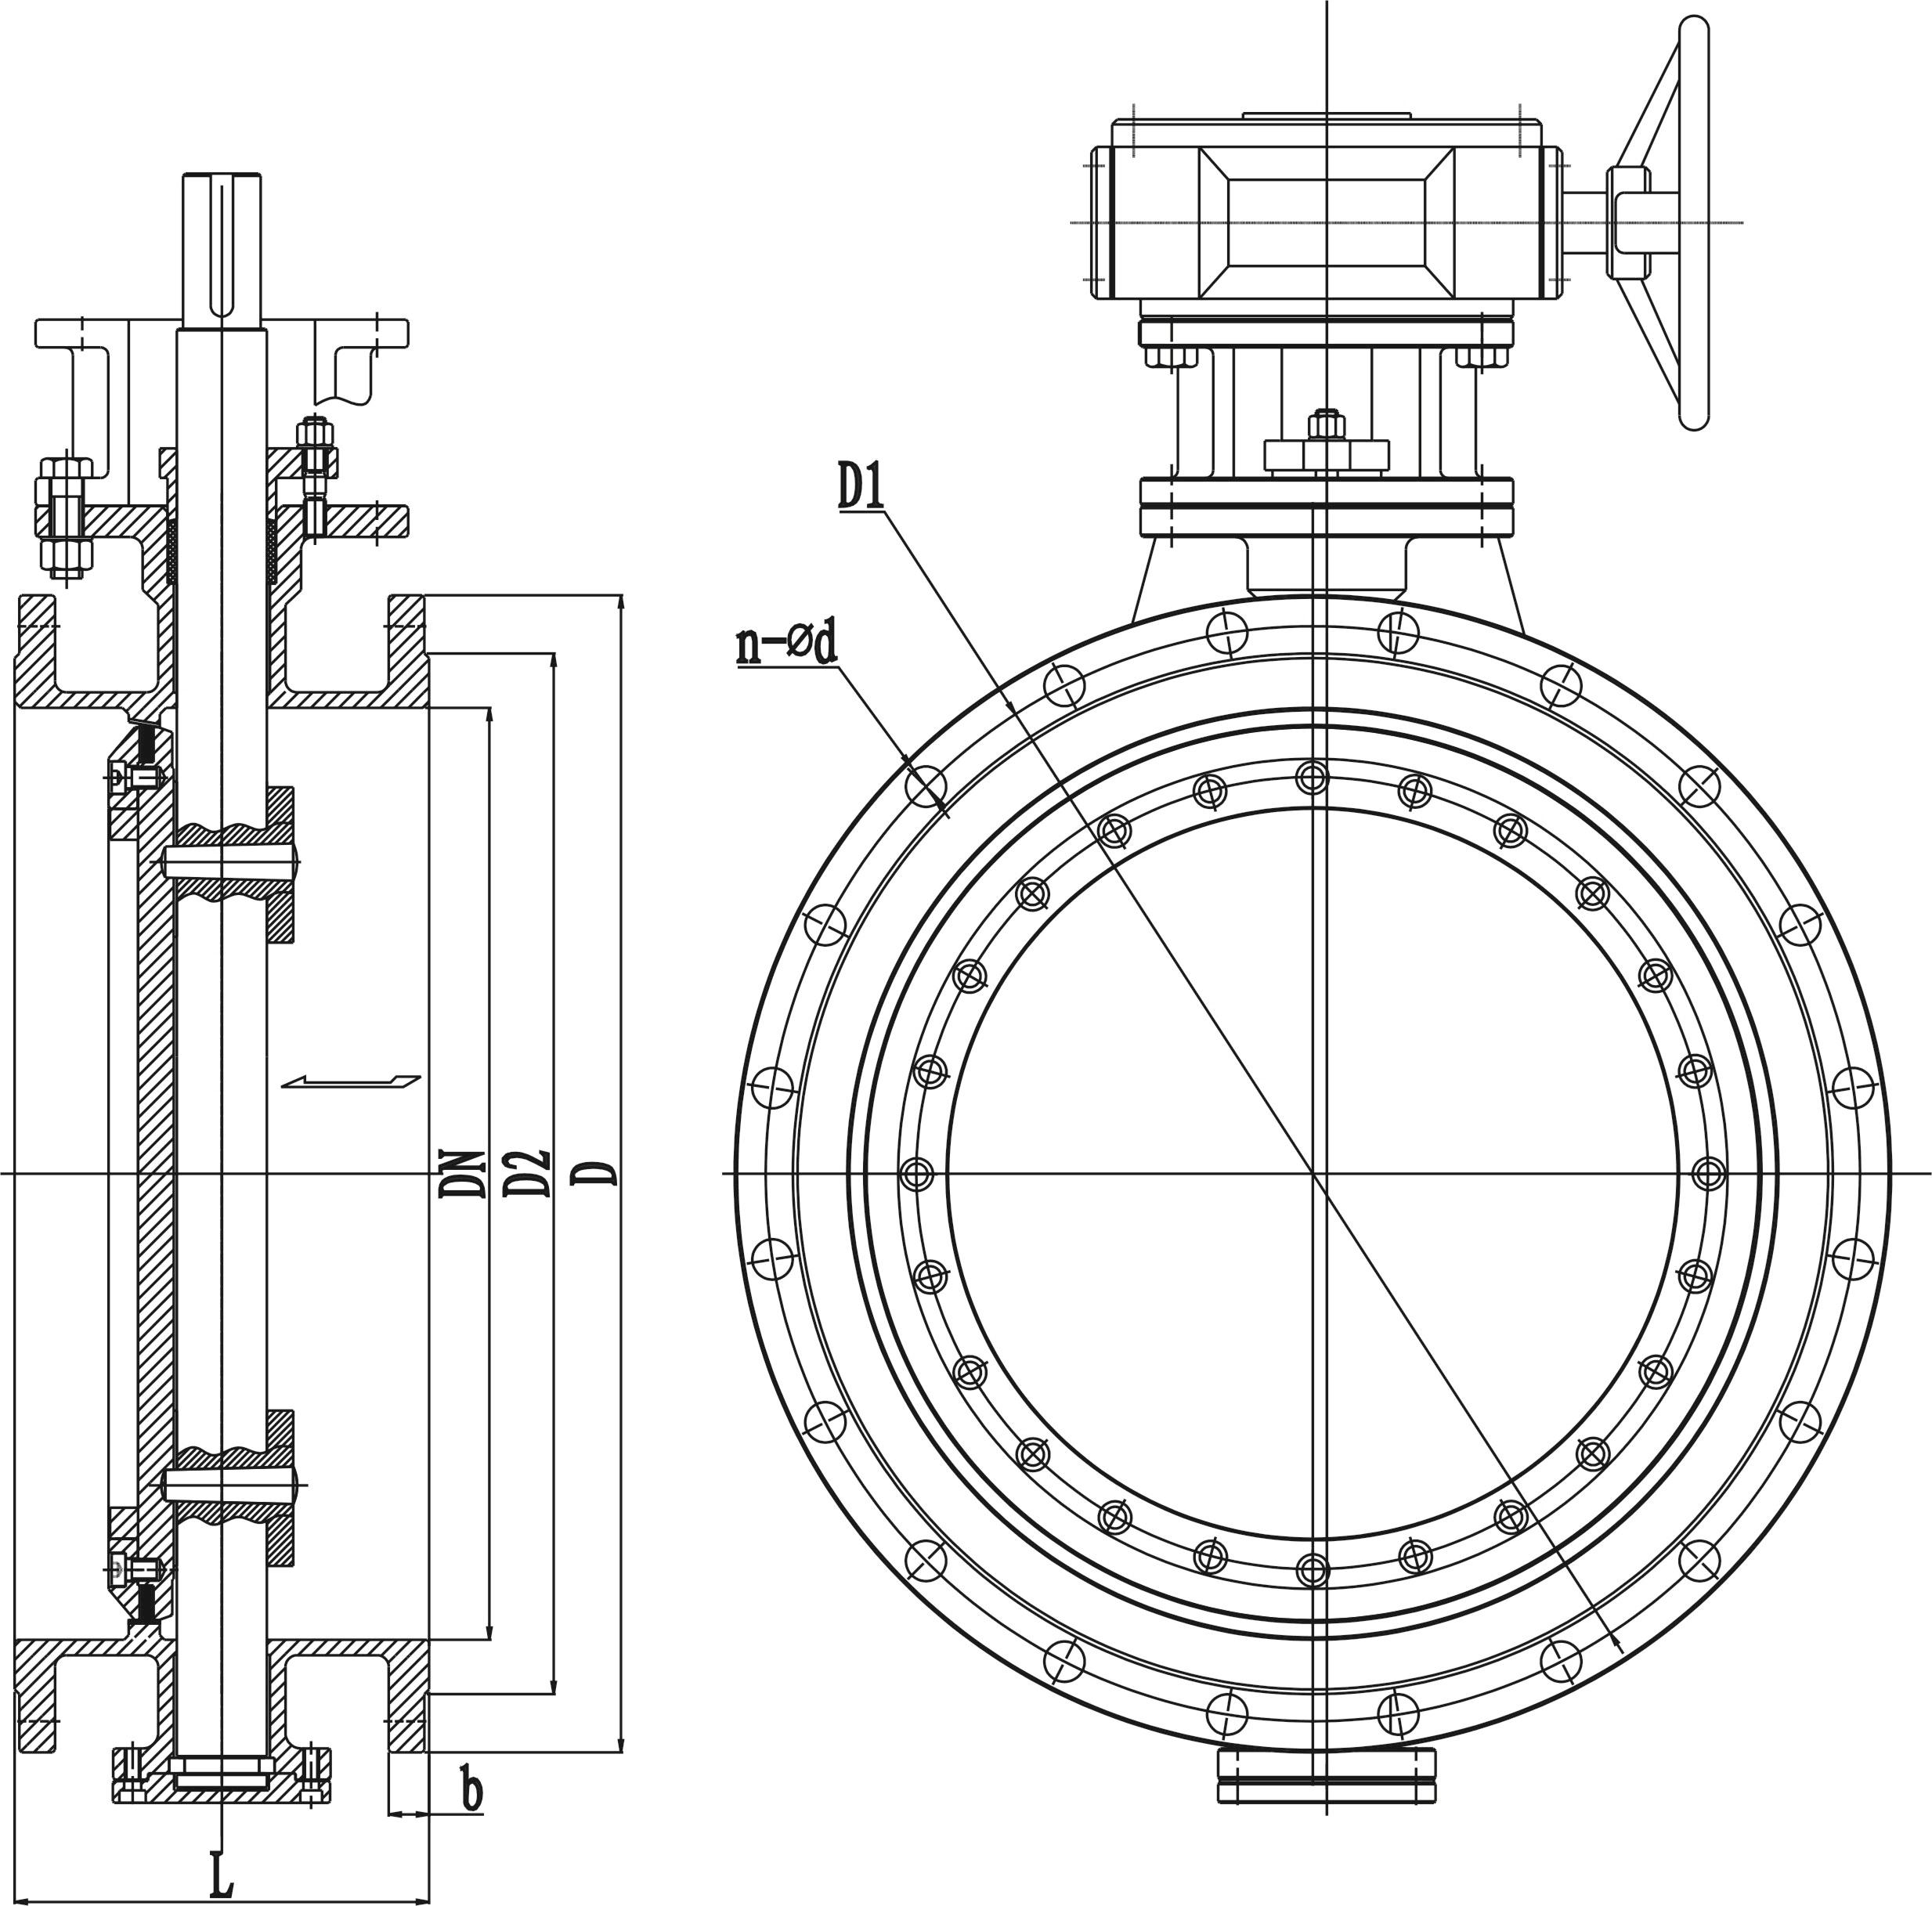 三、D343H金属硬密封蝶阀结构特点 2.1流体阻力较小,中大口径的蝶阀全开时的有效面积较大。 2.2启闭迅速,比较省力,启动时只需把转动90°,方便而迅速。 2.3 结构简单,体积较小,重量较轻。 2.4 三偏心蝶阀是指:阀杆轴线与碟板密封面偏移一定的尺寸,蝶板密封面与阀体通道轴线偏移一定尺寸,阀座回转轴线与阀体通道轴线形成一个偏心角,故称三偏心。蝶阀从0°—90°开启时,蝶阀密封面会在开启的瞬间立即脱离阀座密封面,在其90°—0°关闭时,